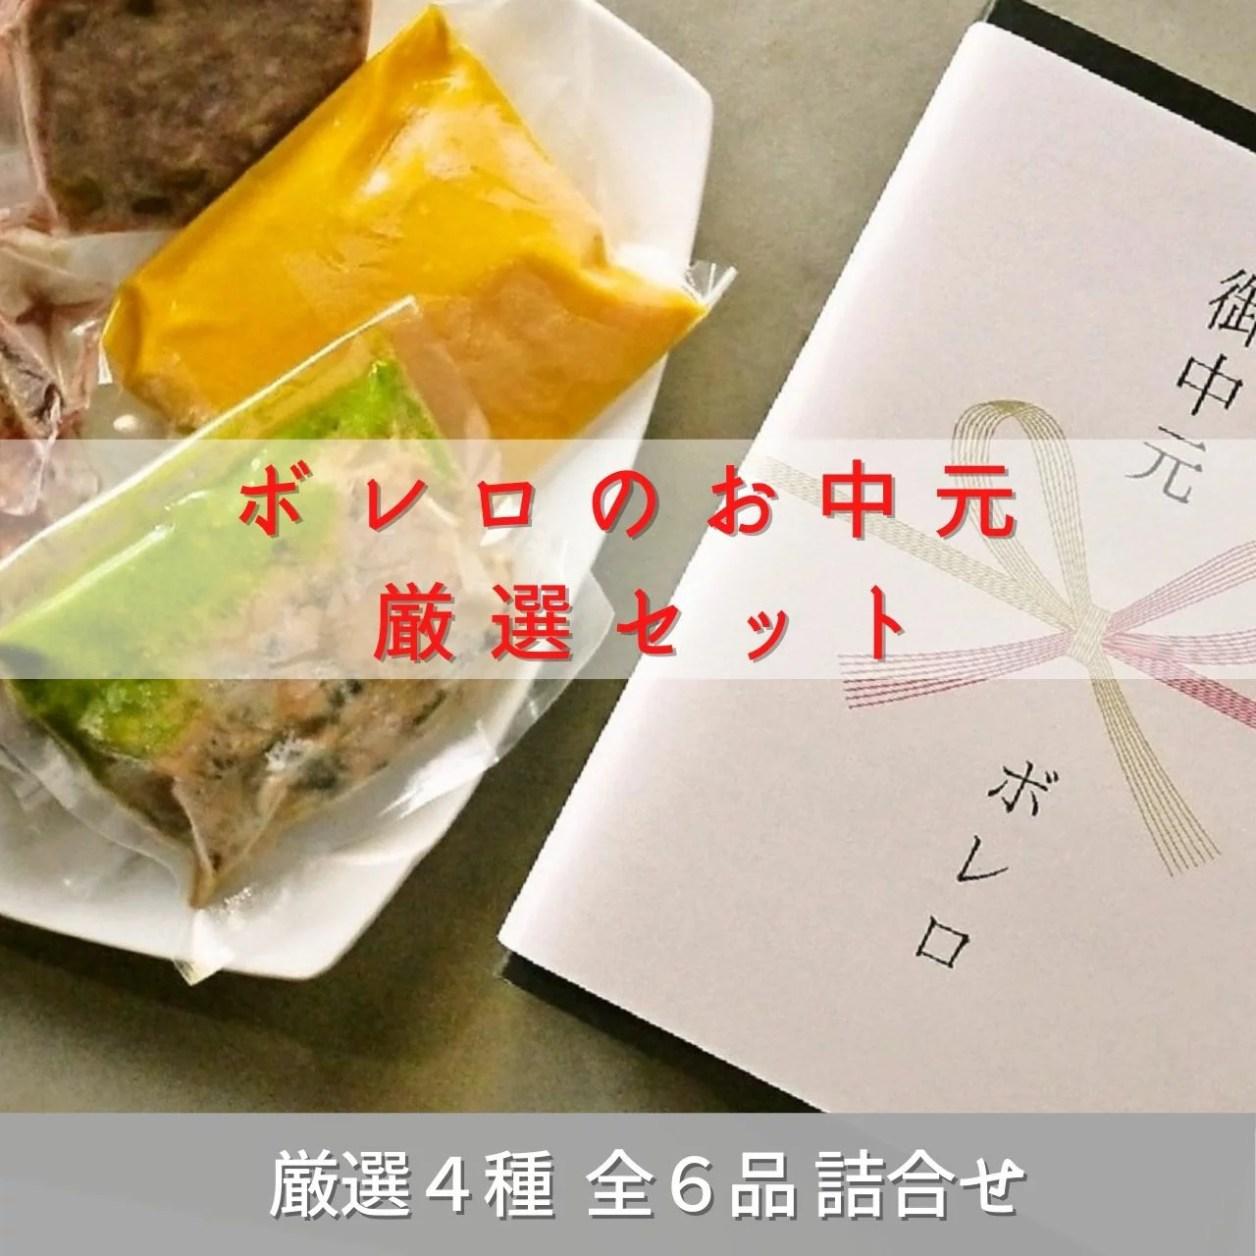 フレンチお中元 厳選セット2021@中目黒BistroBolero(フレンチ惣菜